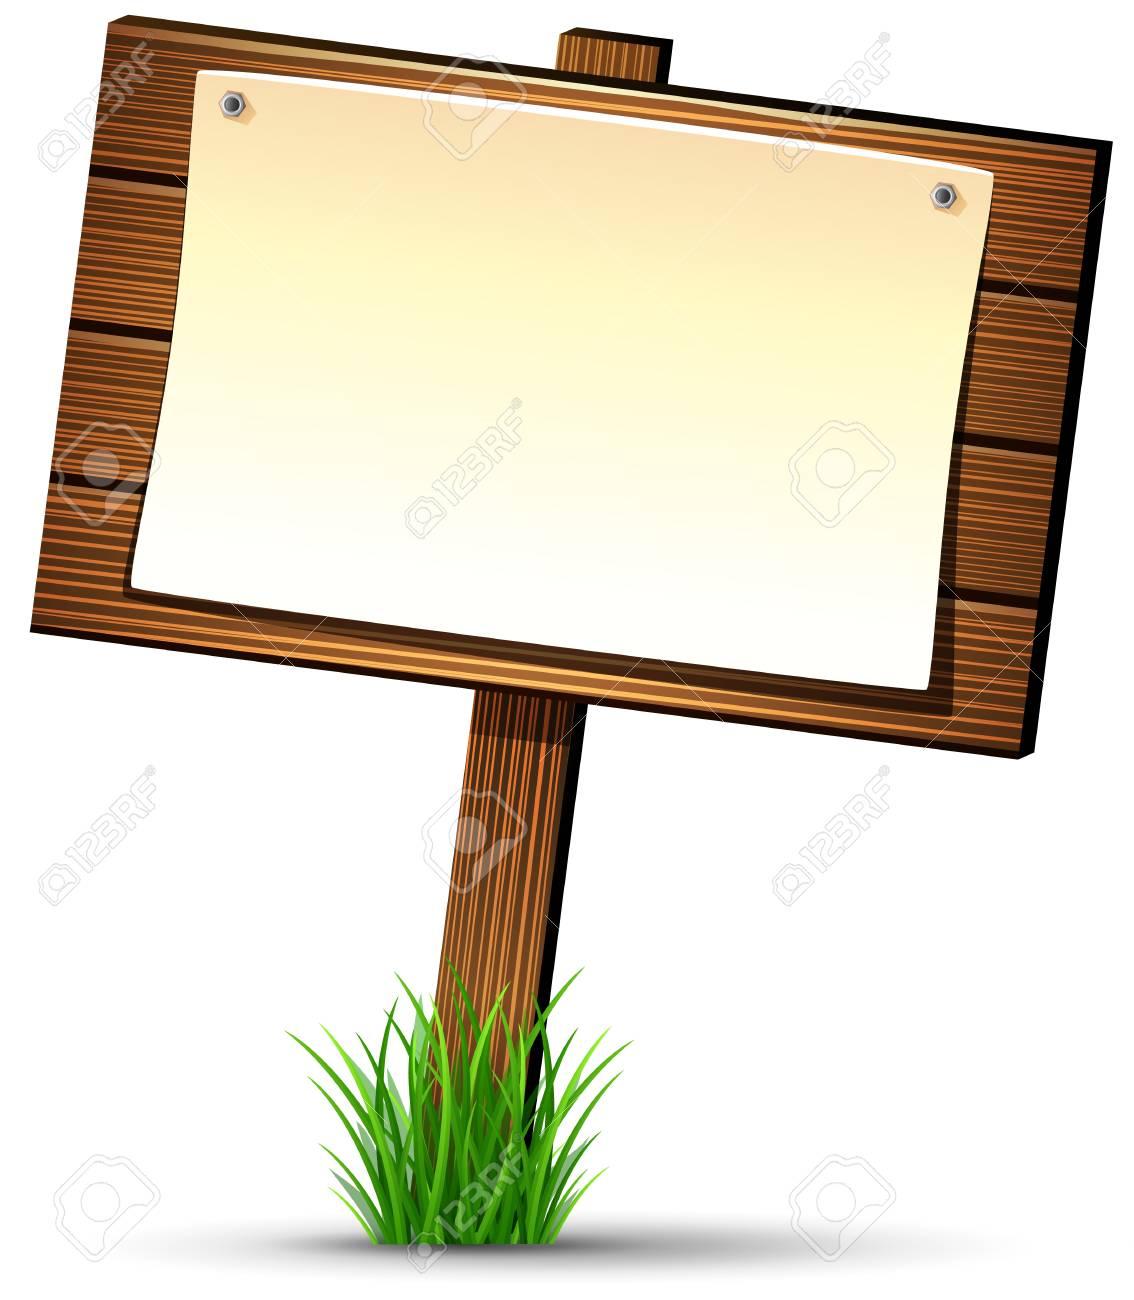 巻物の木製看板のイラスト素材ベクタ Image 63041594